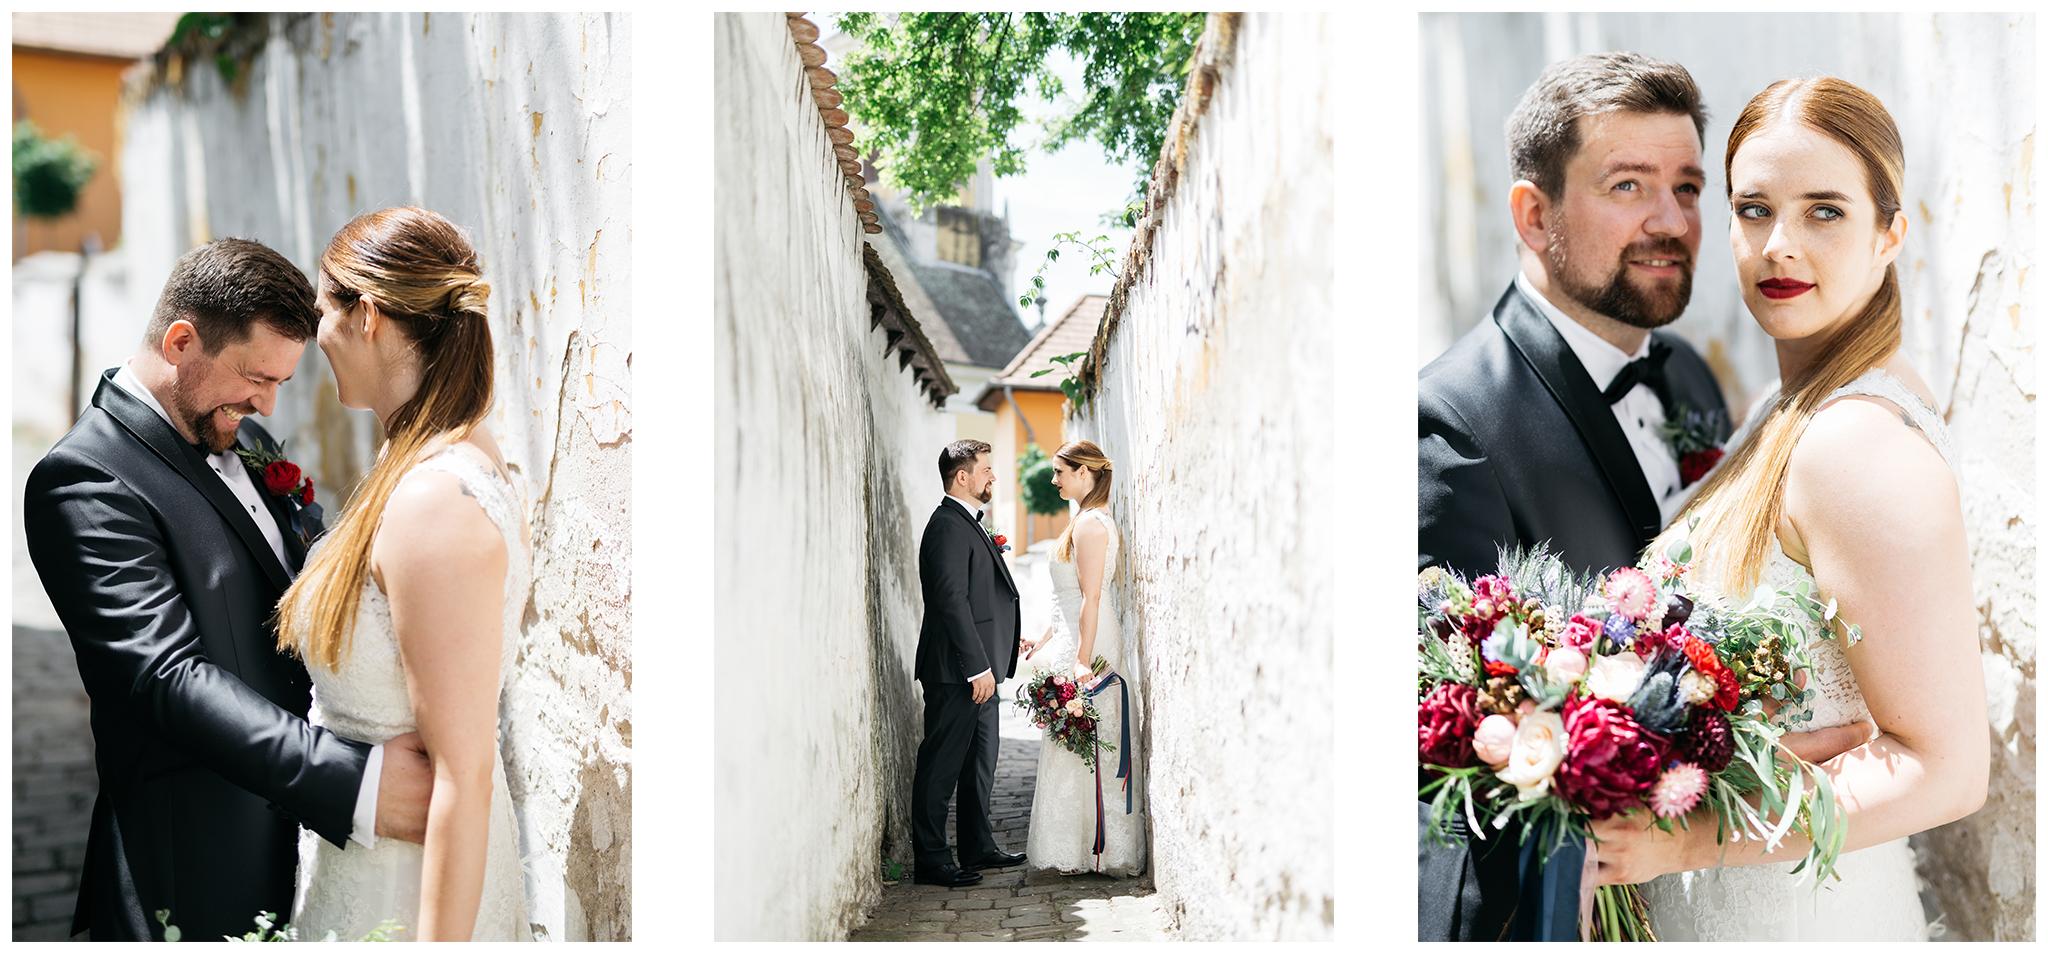 MONT_FylepPhoto, Esküvőfotós Vasmegye, Esküvő fotózás, Esküvői fotós, Körmend, Vas megye, Dunántúl, Budapest, Fülöp Péter, Jegyes fotózás, jegyes, kreatív, kreatívfotózás,Wien,Ausztira,Österreich,hochzeitsfotograf_V&M_005.jpg